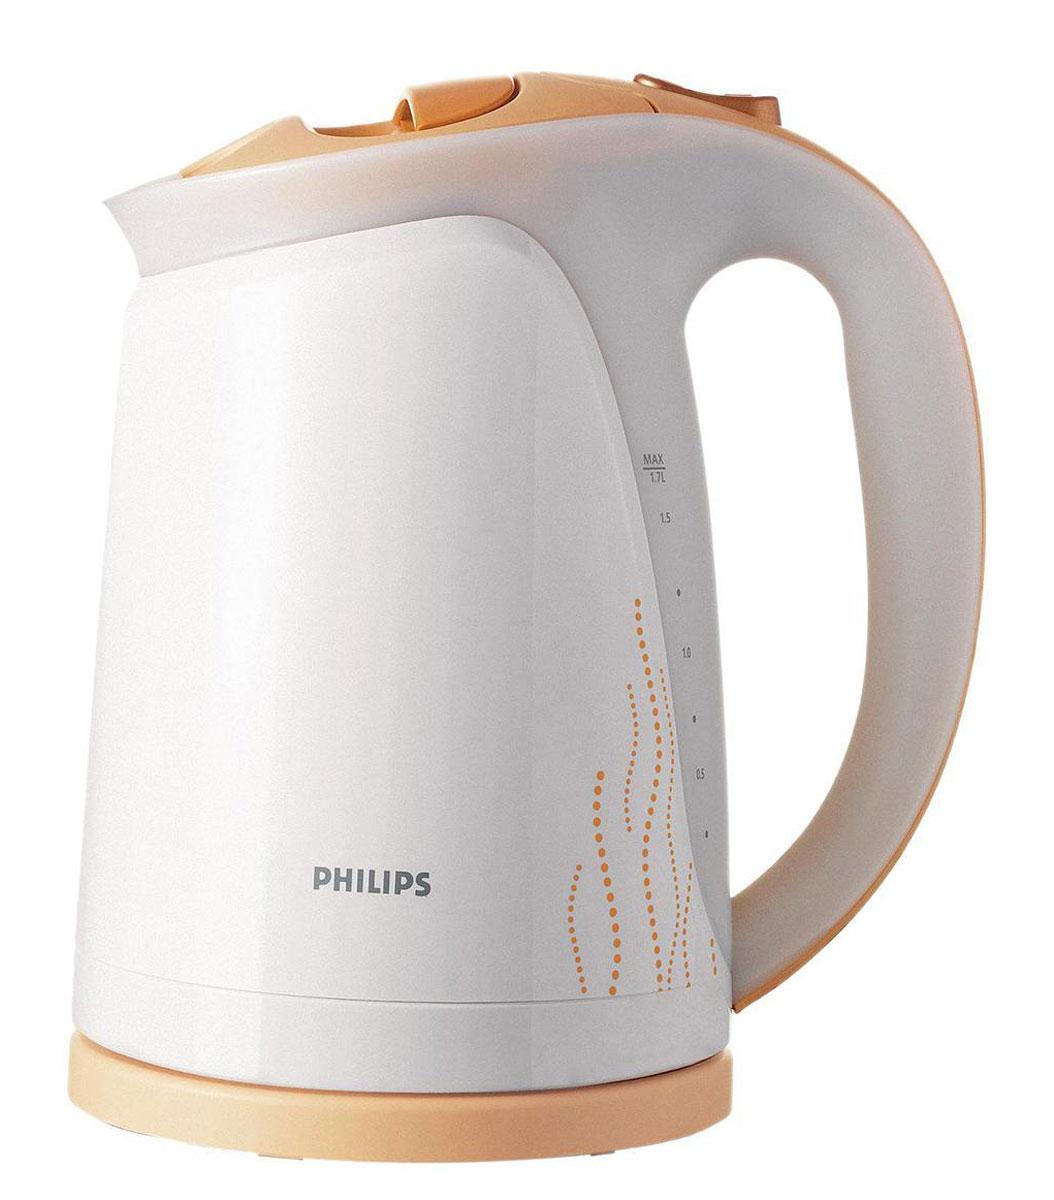 Philips HD4681/55 электрочайникHD4681/55Не правда ли, здорово за считаные секунды вскипятить воду и без лишних усилий очистить чайник Philips? Плоский и удобный в очистке нагревательный элемент позволяет быстро вскипятить воду. Благодаря моющемуся фильтру от накипи вода становится чистой, а напитки - без частиц известкового осадка. Катушка для удобного хранения шнура Шнур оборачивается вокруг основания, что позволяет легко разместить чайник на кухне. Беспроводная подставка с поворотом на 360° для удобства использования. Плоский нагревательный элемент для быстрого кипячения воды и легкой чистки Встроенный нагревательный элемент из нержавеющей стали обеспечивает быстрое кипячение и простую чистку. Широко открывающаяся откидная крышка для удобства наполнения и чистки чайника исключает контакт с паром. При включенном чайнике загорается подсветка Подсветка вокруг регулятора температуры четко показывает, что чайник включен. Комплексная...